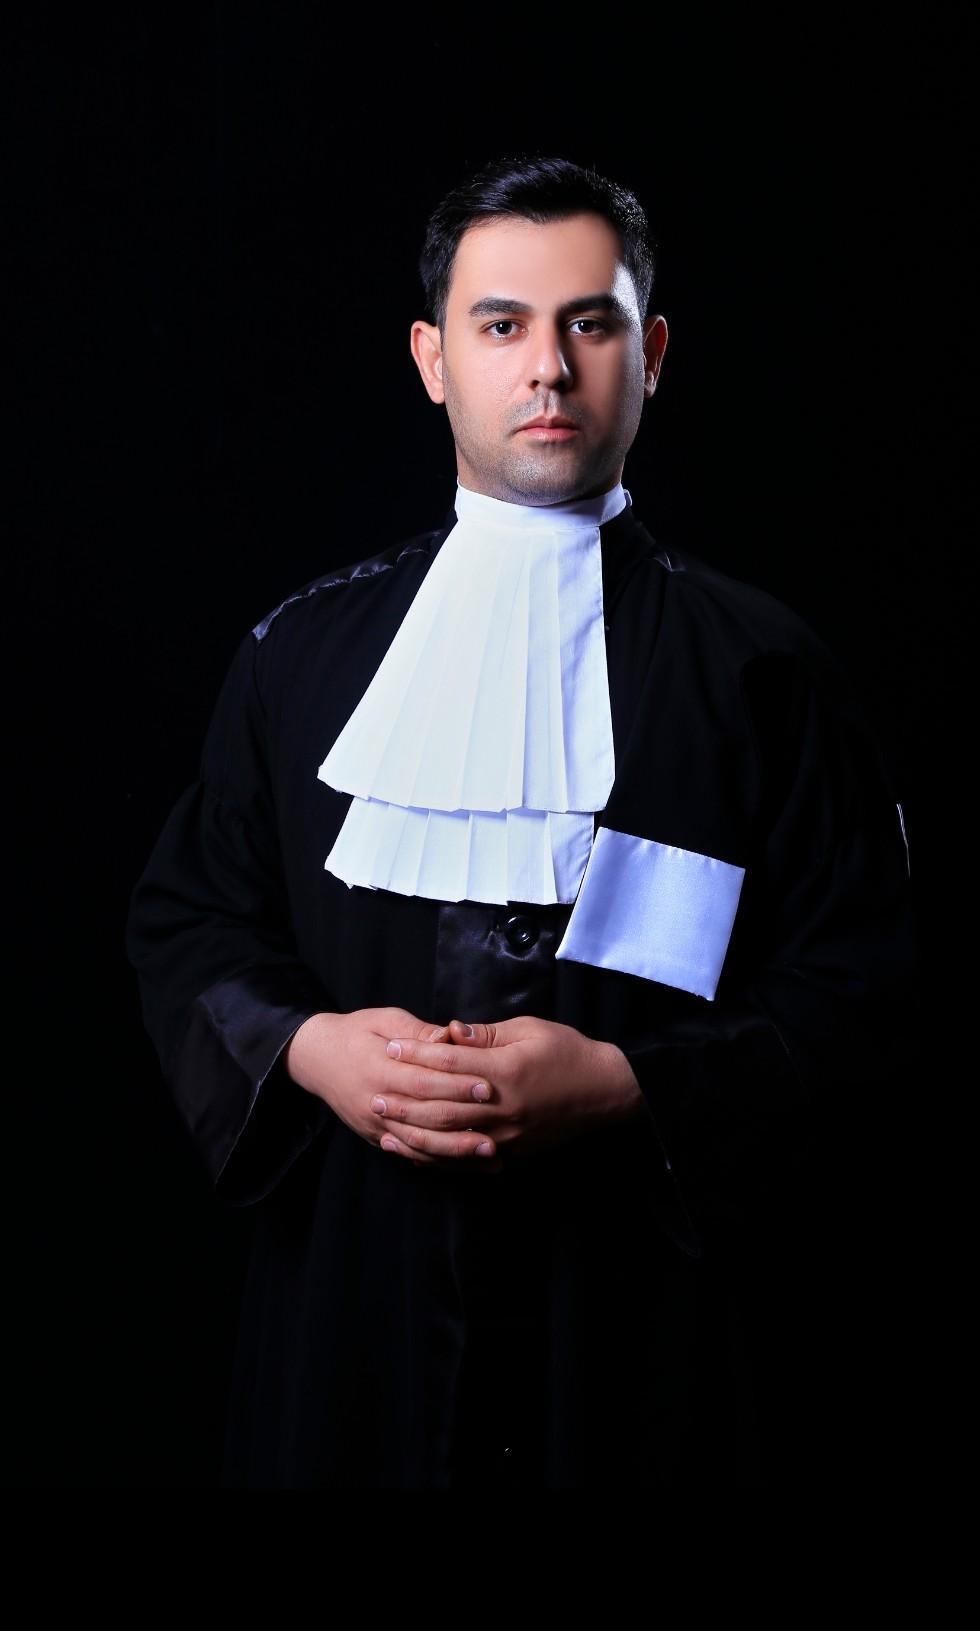 بهترین وکیل در کرج